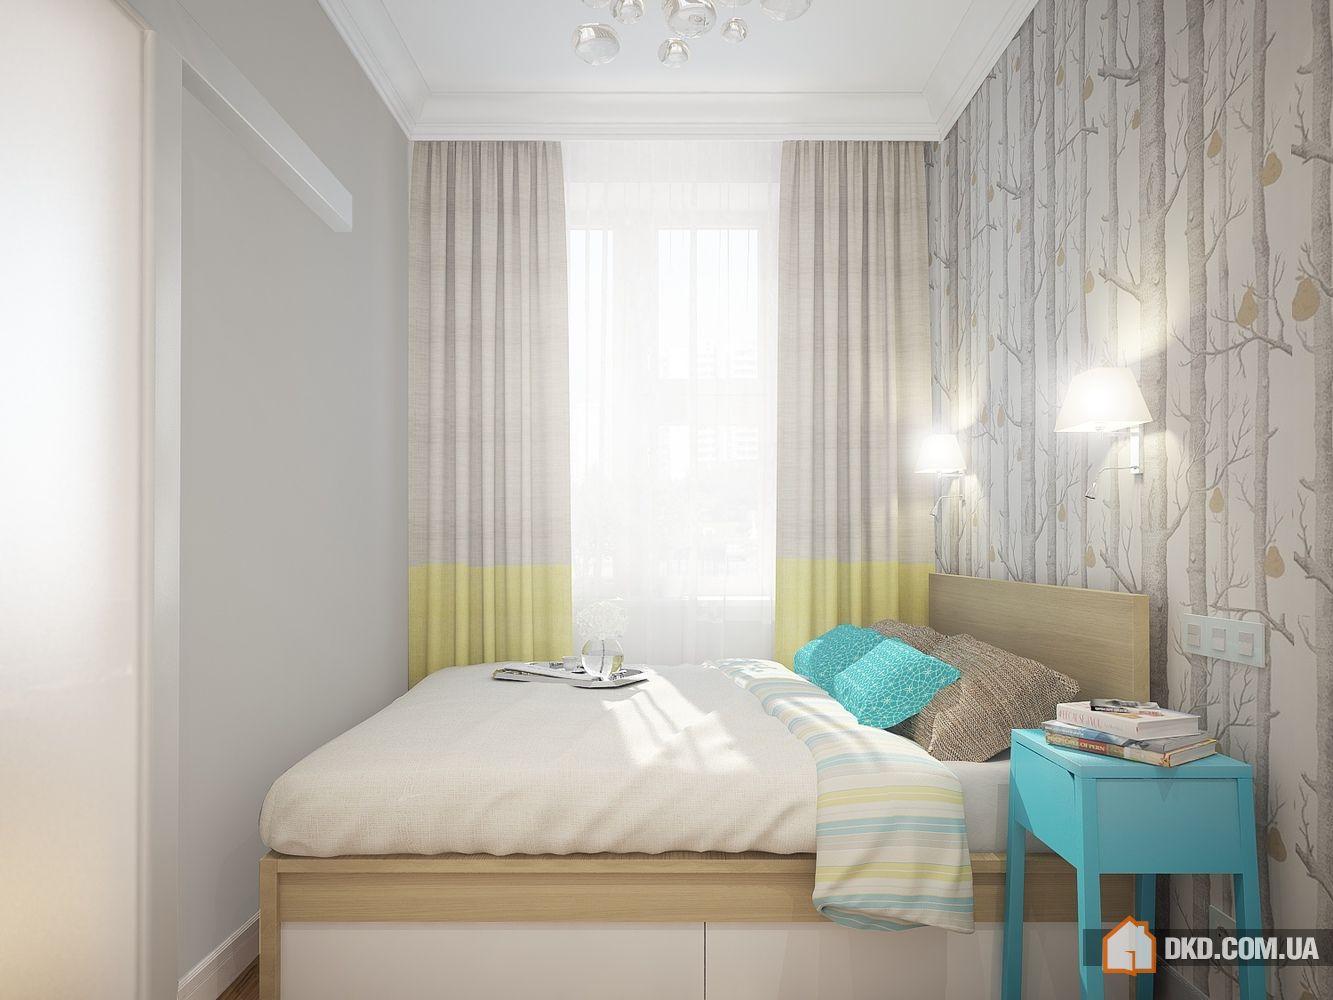 Дизайн спальни в «хрущевке» (94 фото реальные идеи ремонта) 16